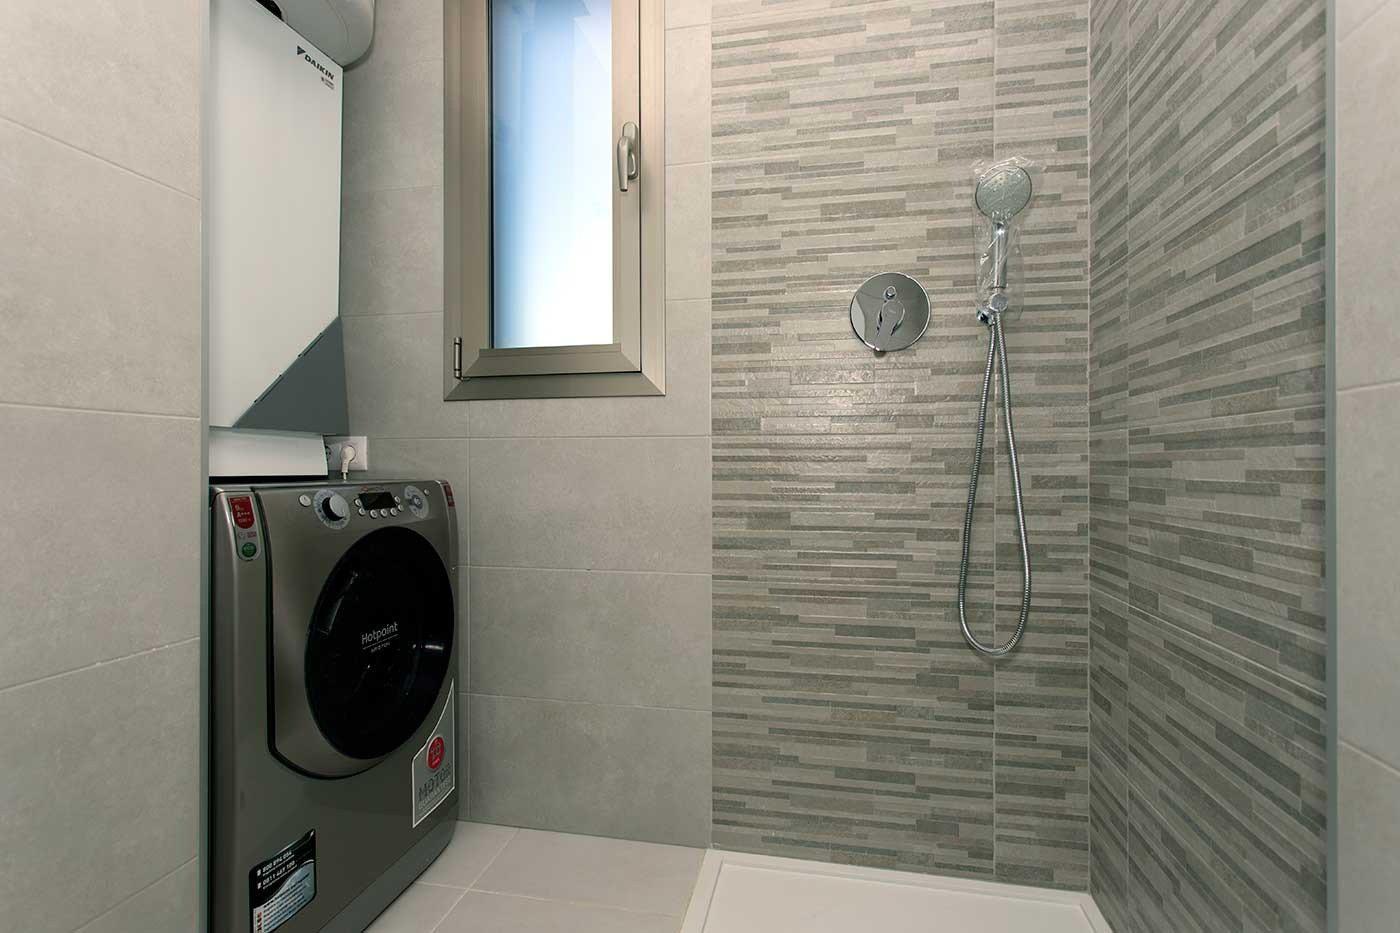 Complejo de estilo moderno con apartamentos de 2,3 dormitorios y 2 baños con amplias terra - imagenInmueble12